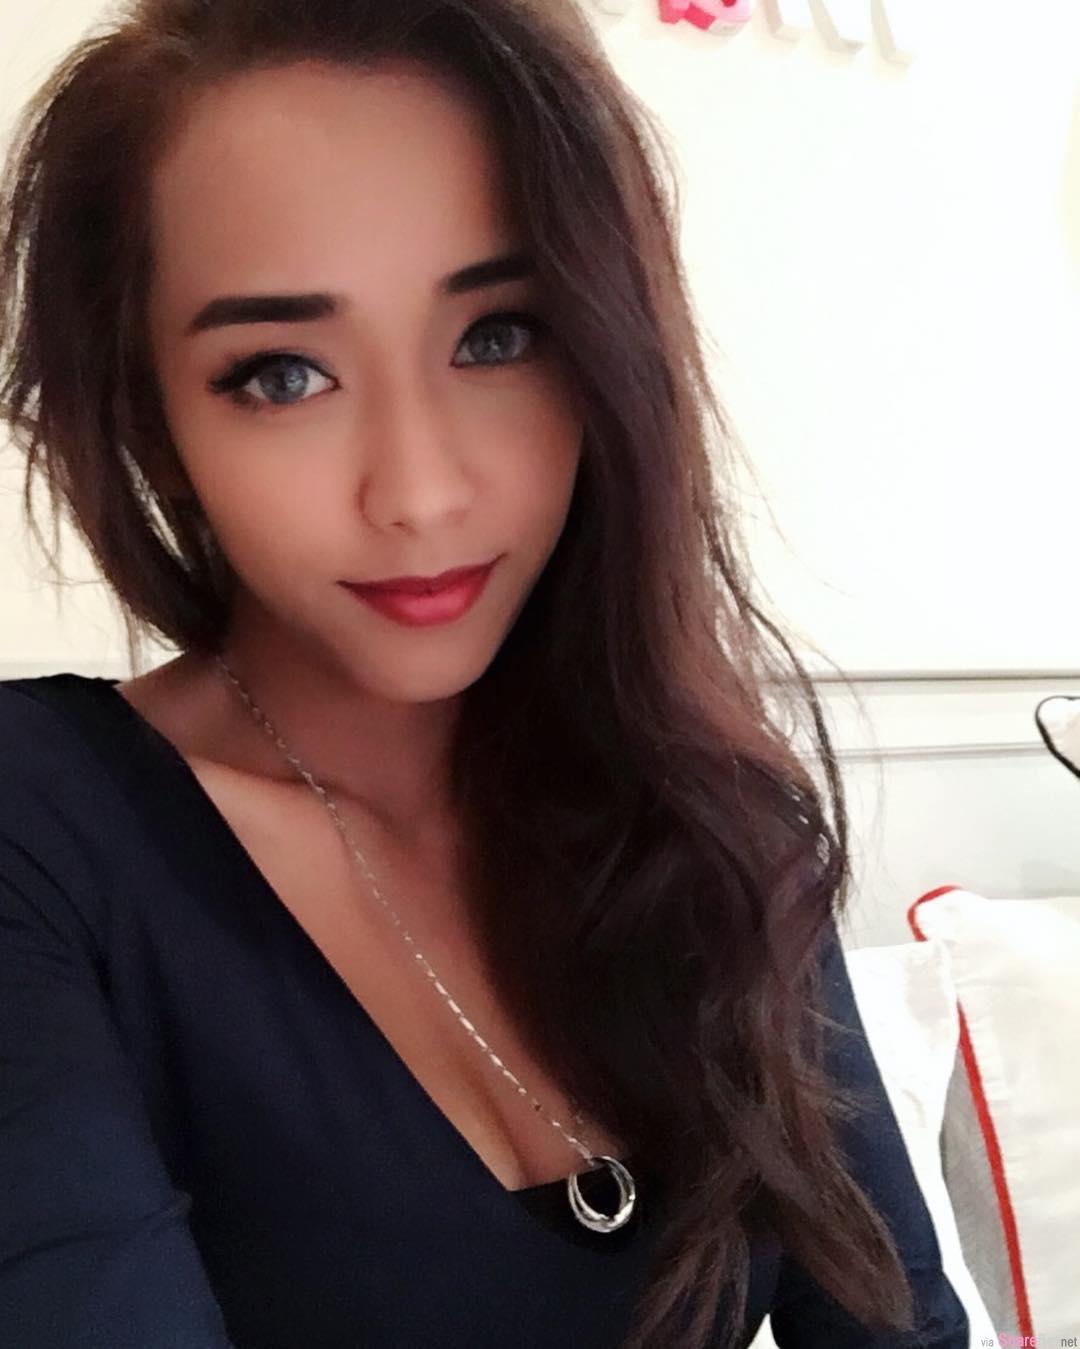 大马正妹美姐蔡美霆,绝美脸蛋魔鬼般身材